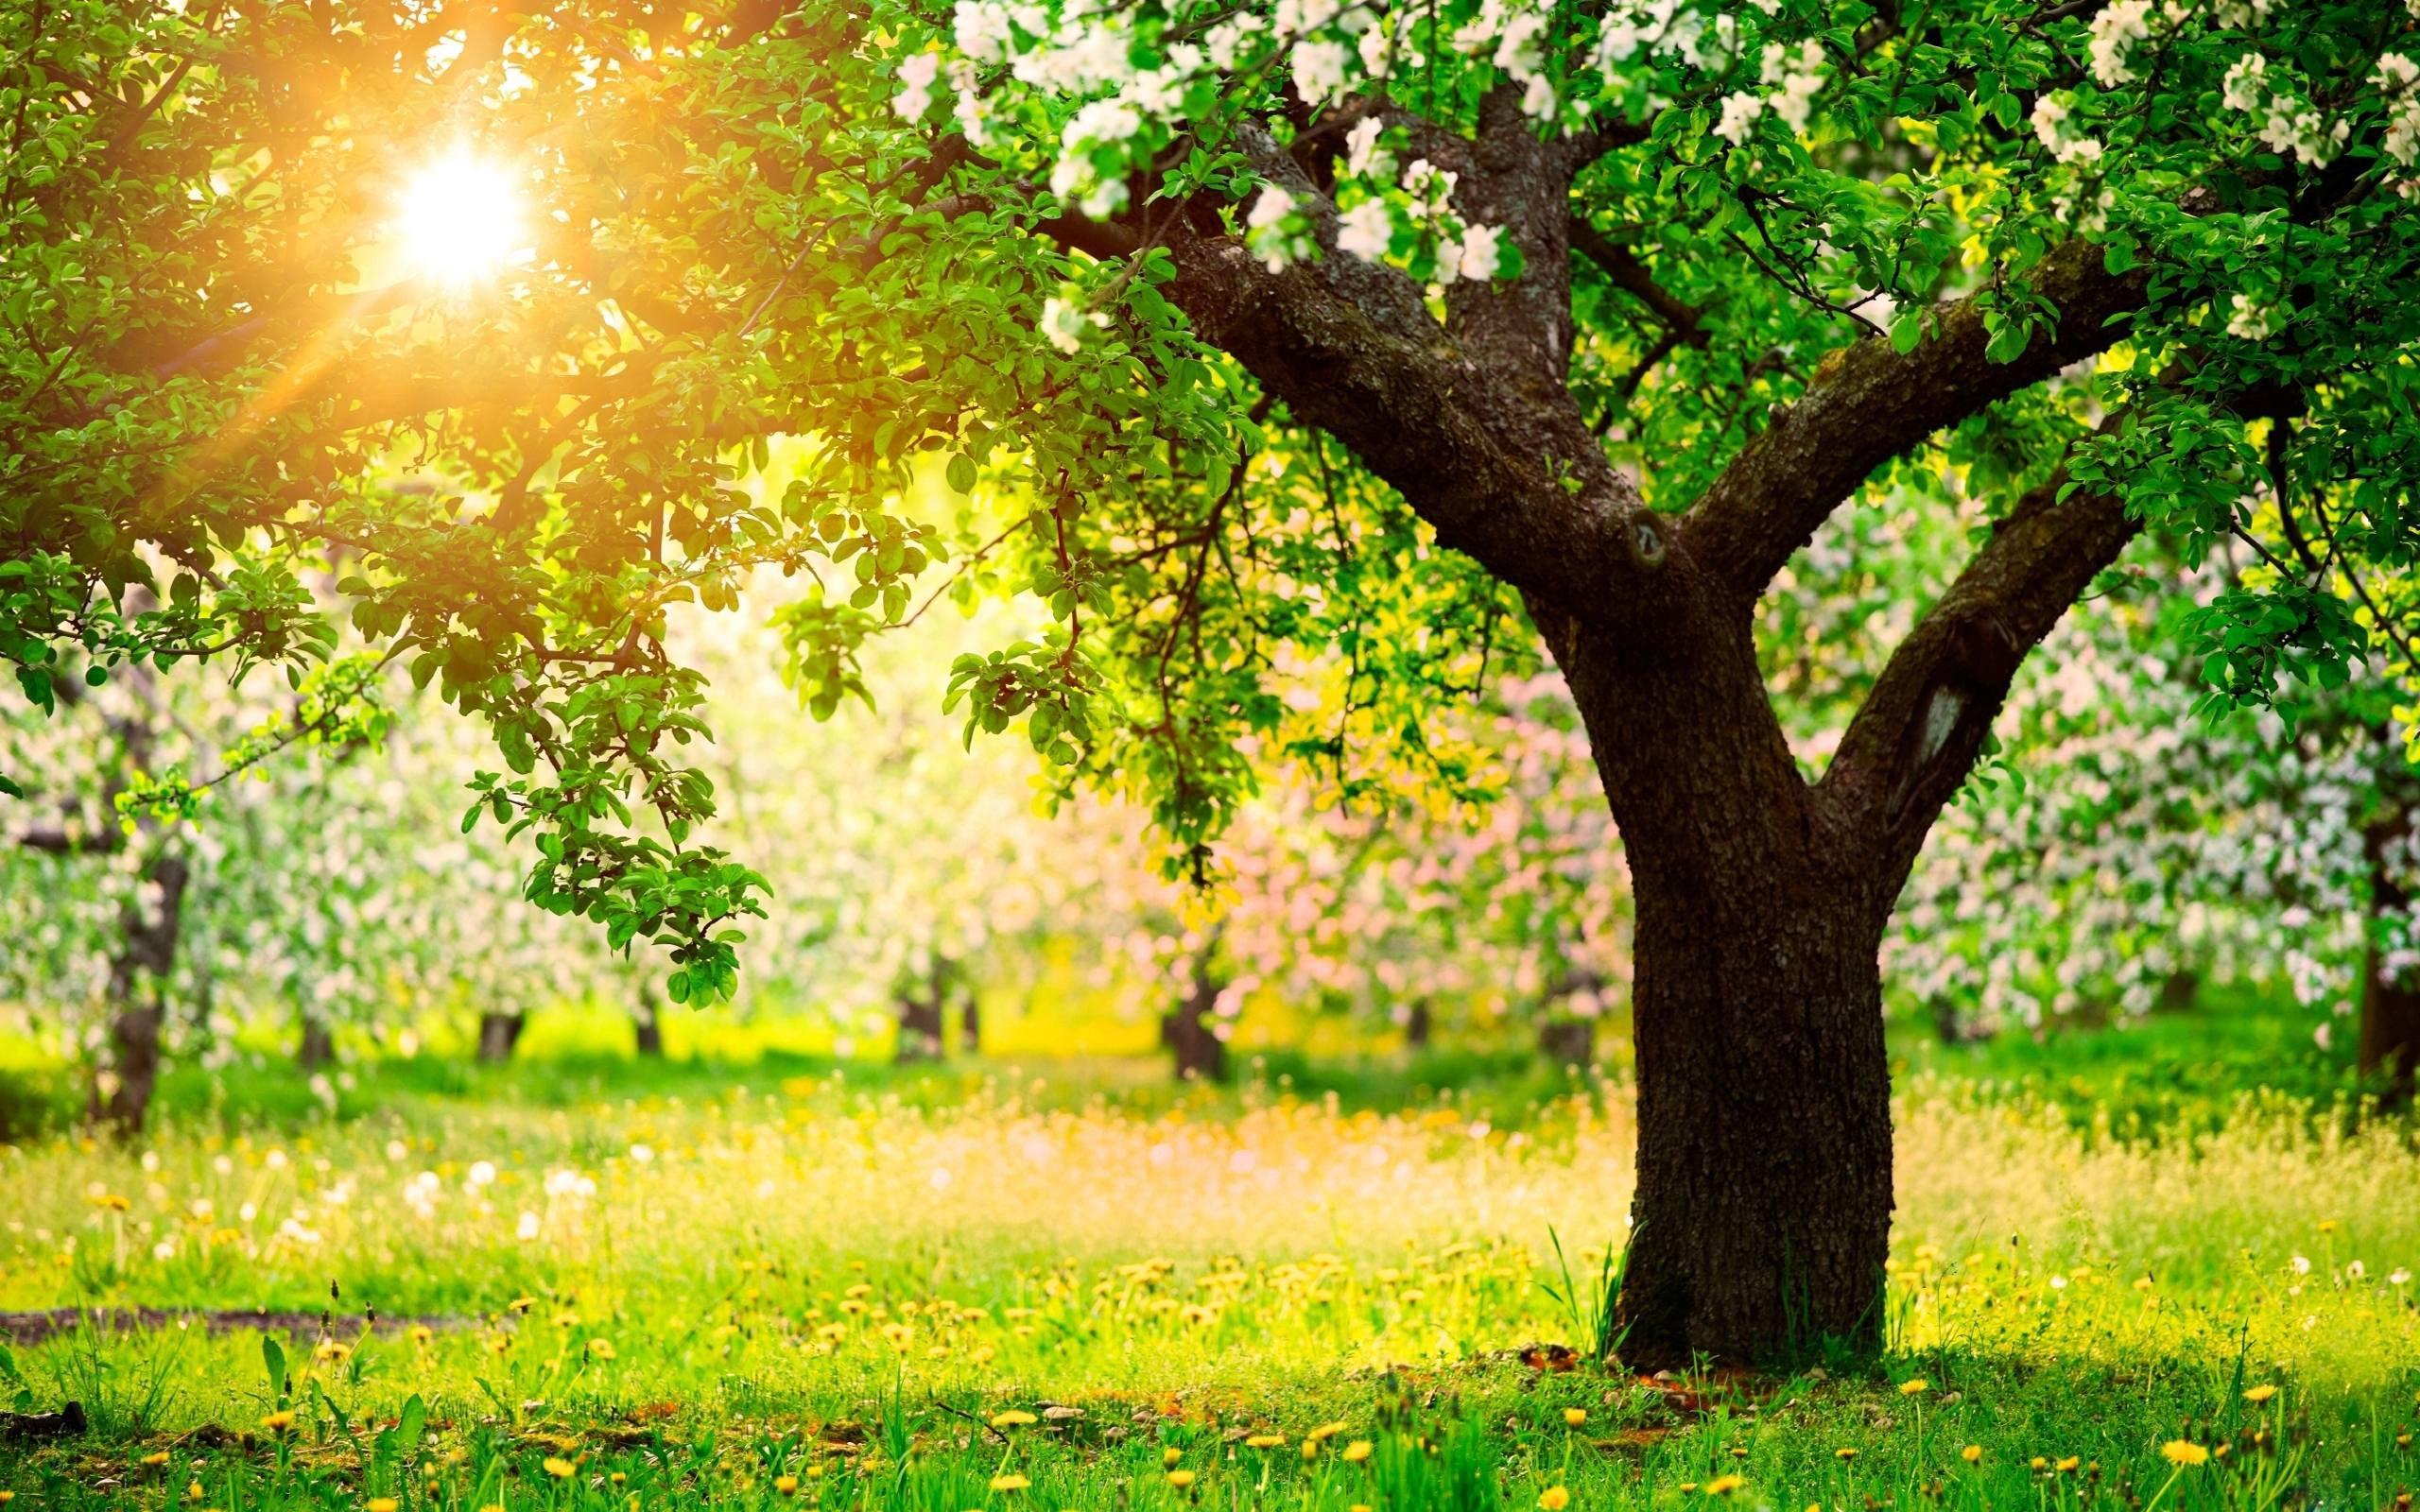 Beautiful Spring Nature Desktop Wallpaper - WallpaperSafari